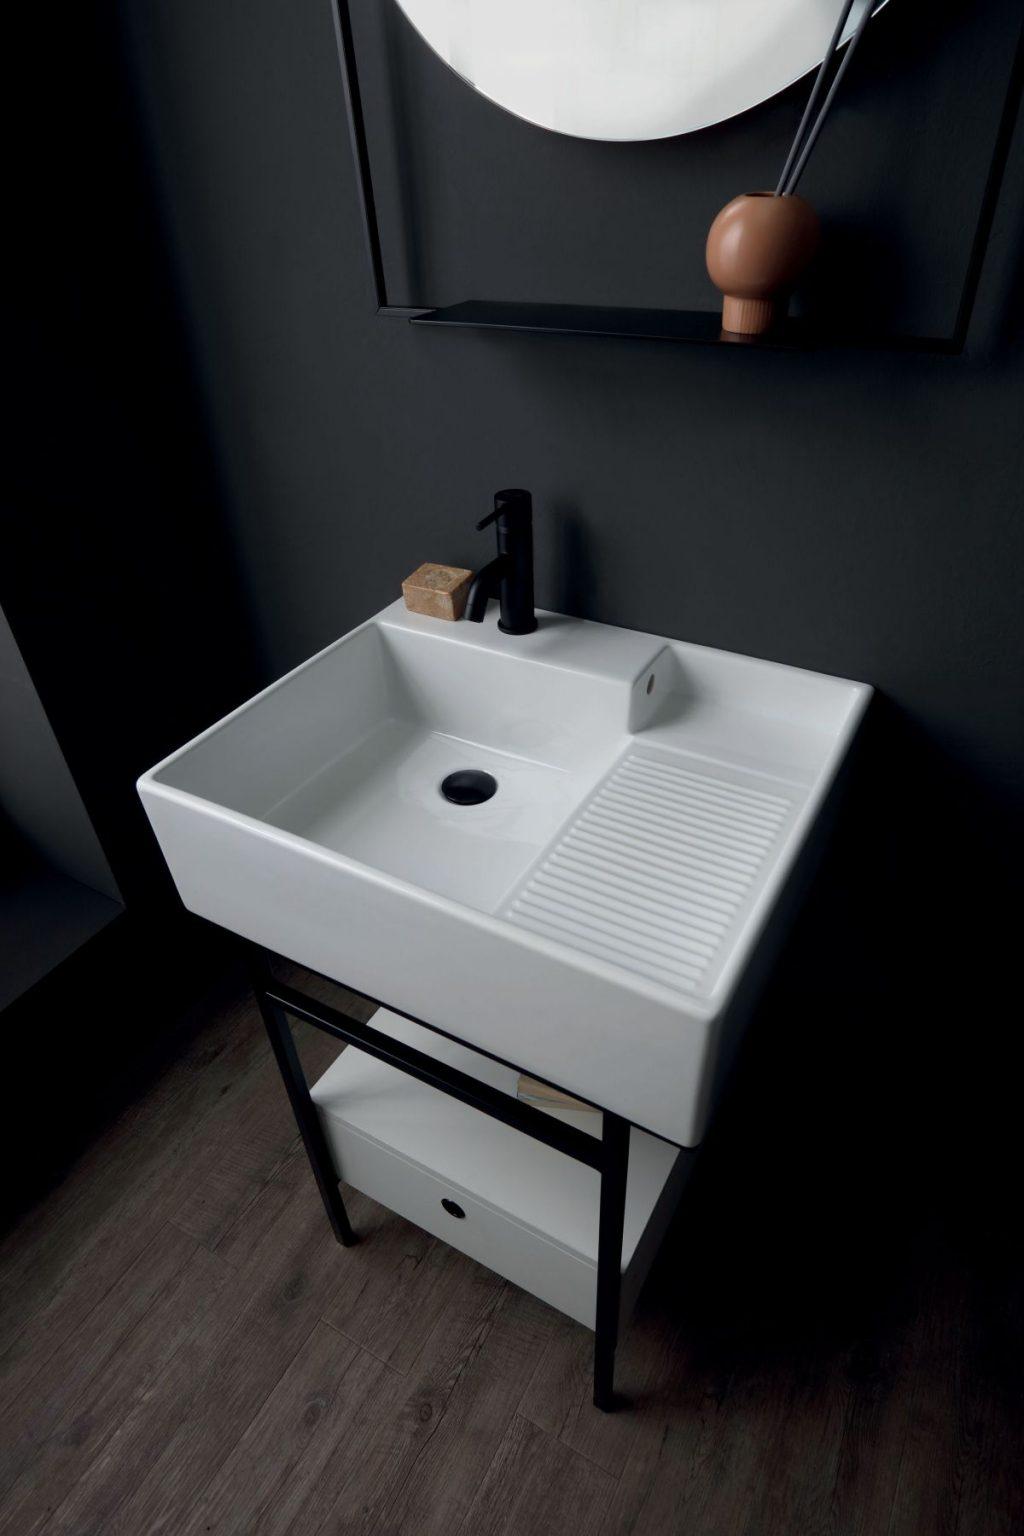 Colavene Acquaceramica Nobu, 60x50 cm branco